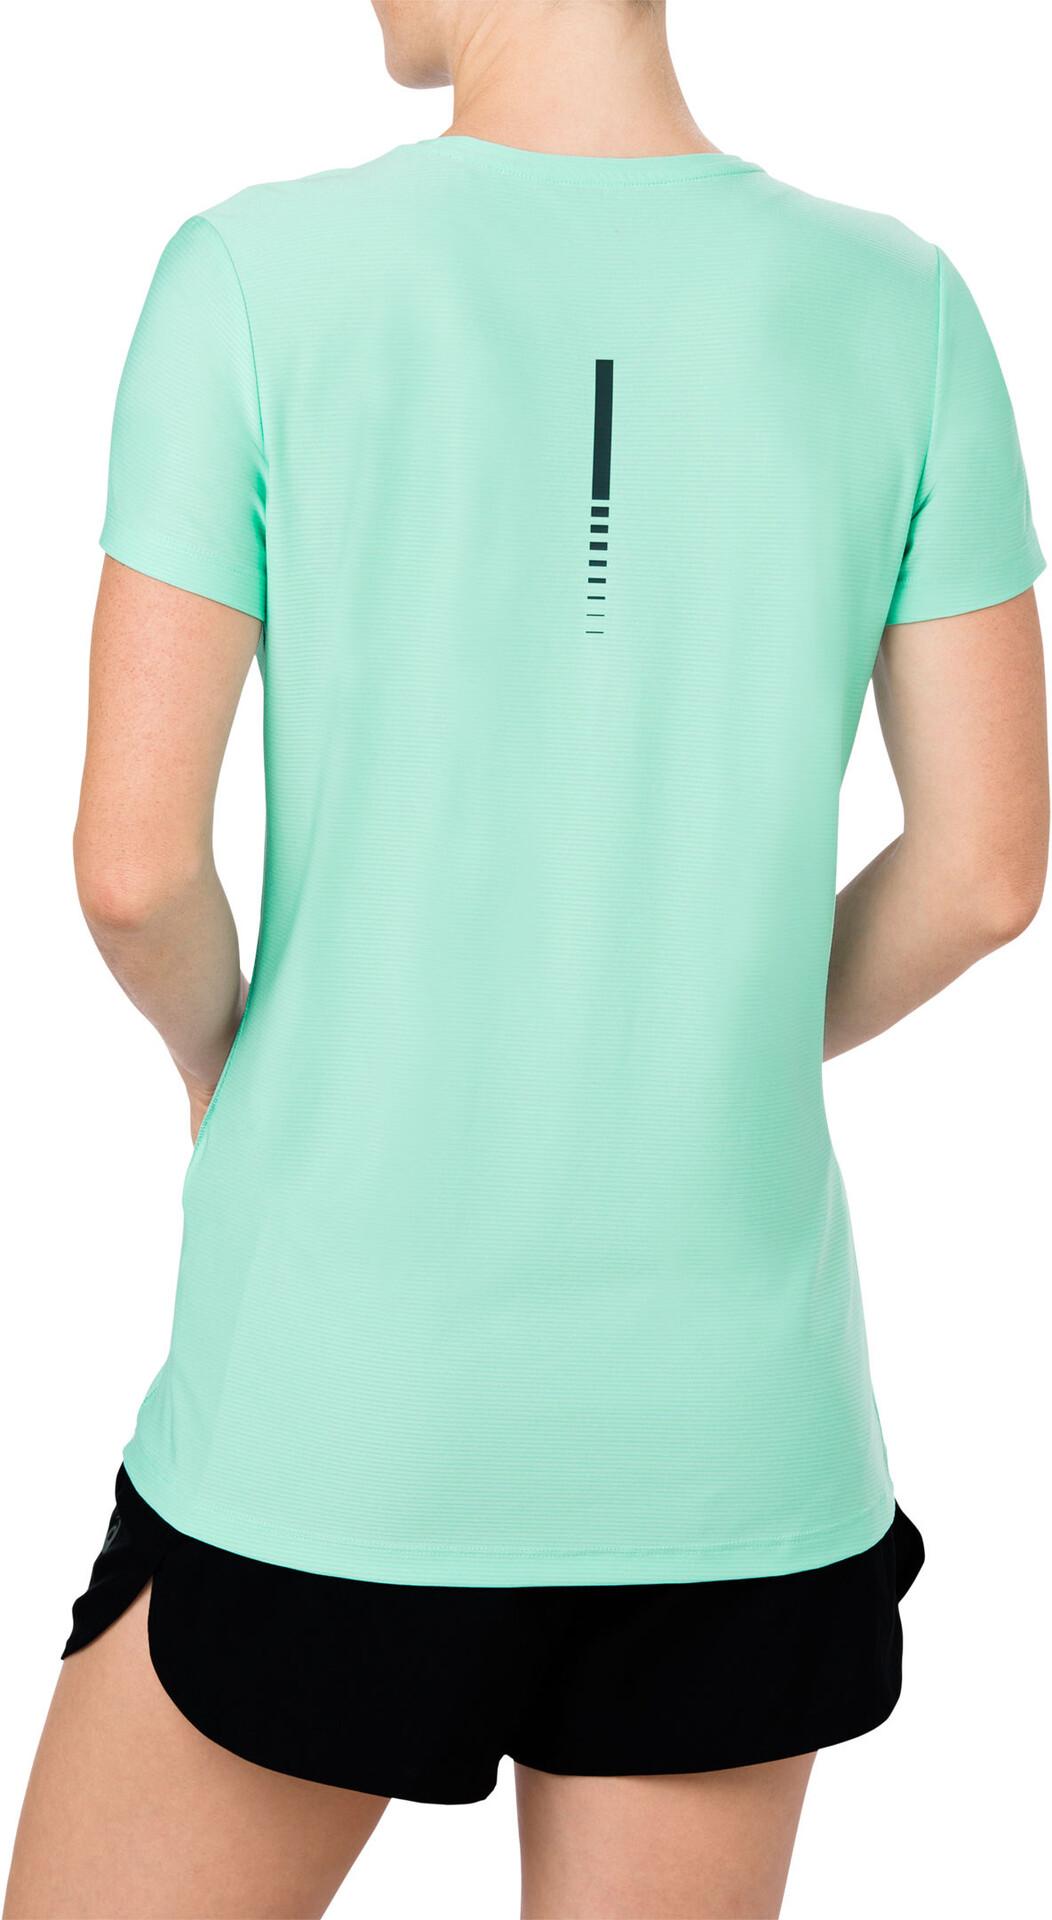 Shirt Ss À Vert Femme T Course Asics Top Pied J31FKcuTl